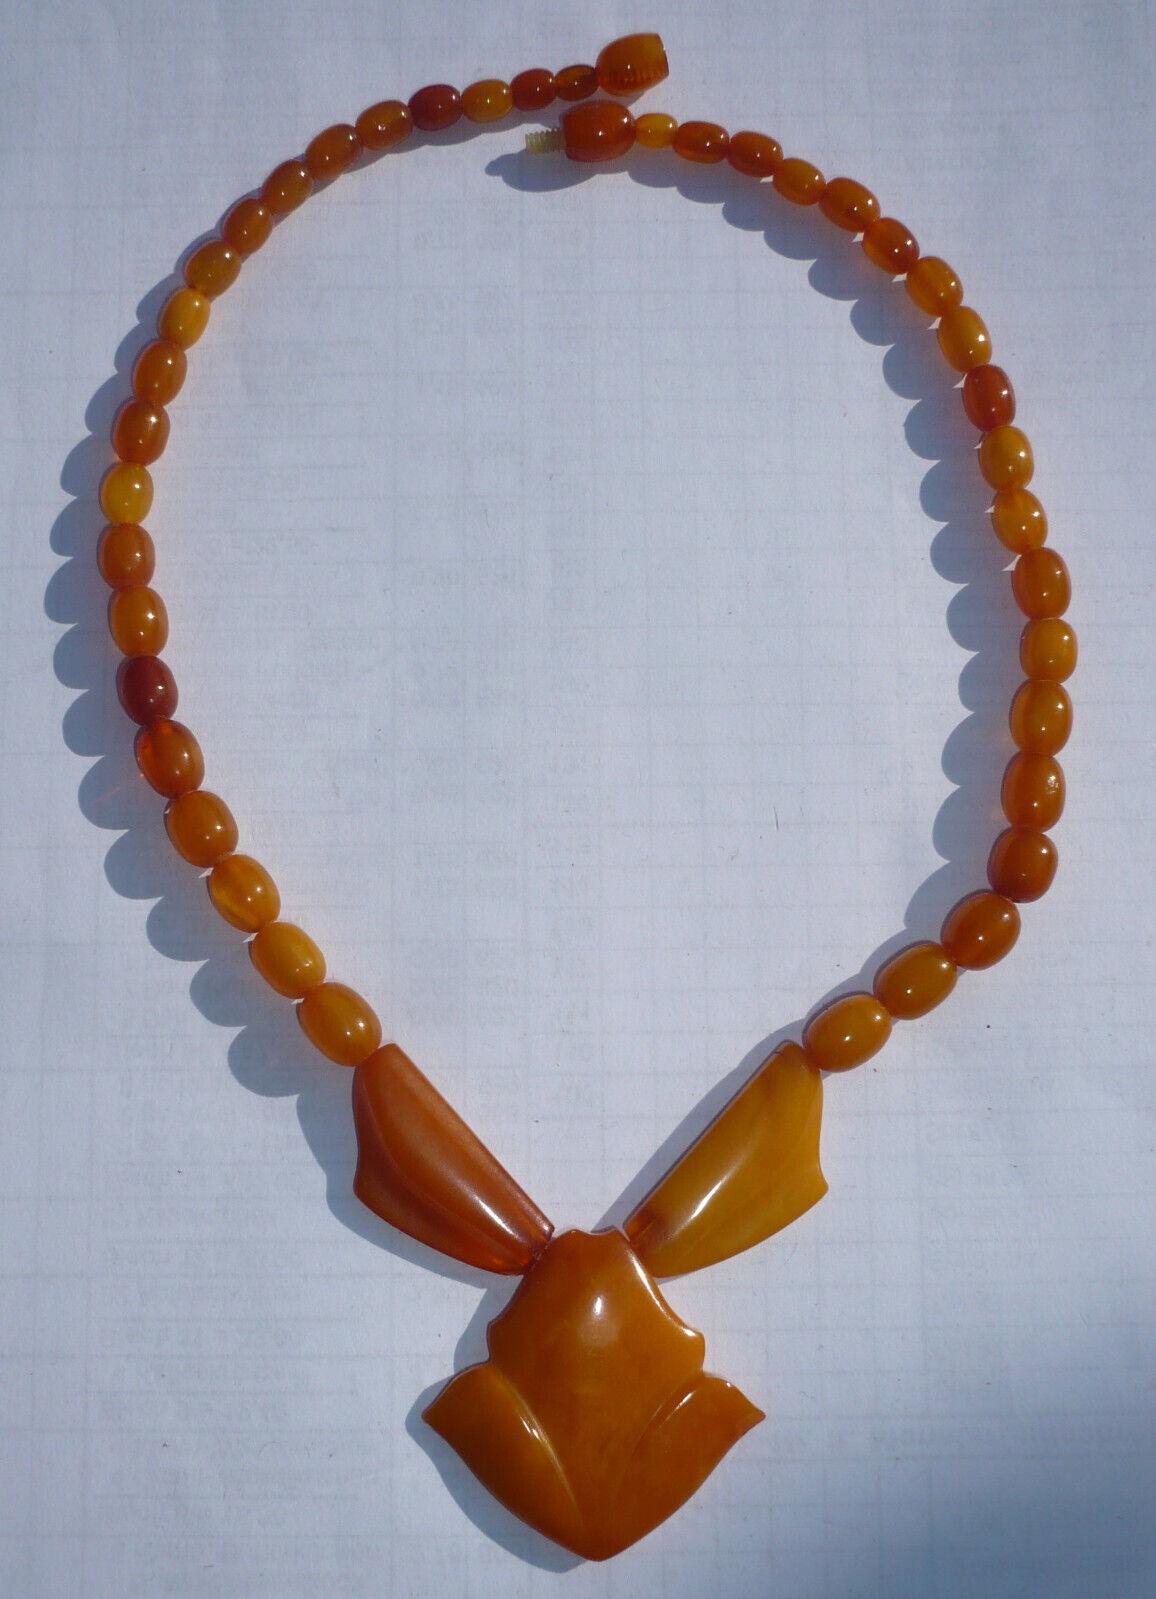 Amber SBM Halskette Oliven Kette Amber Necklace